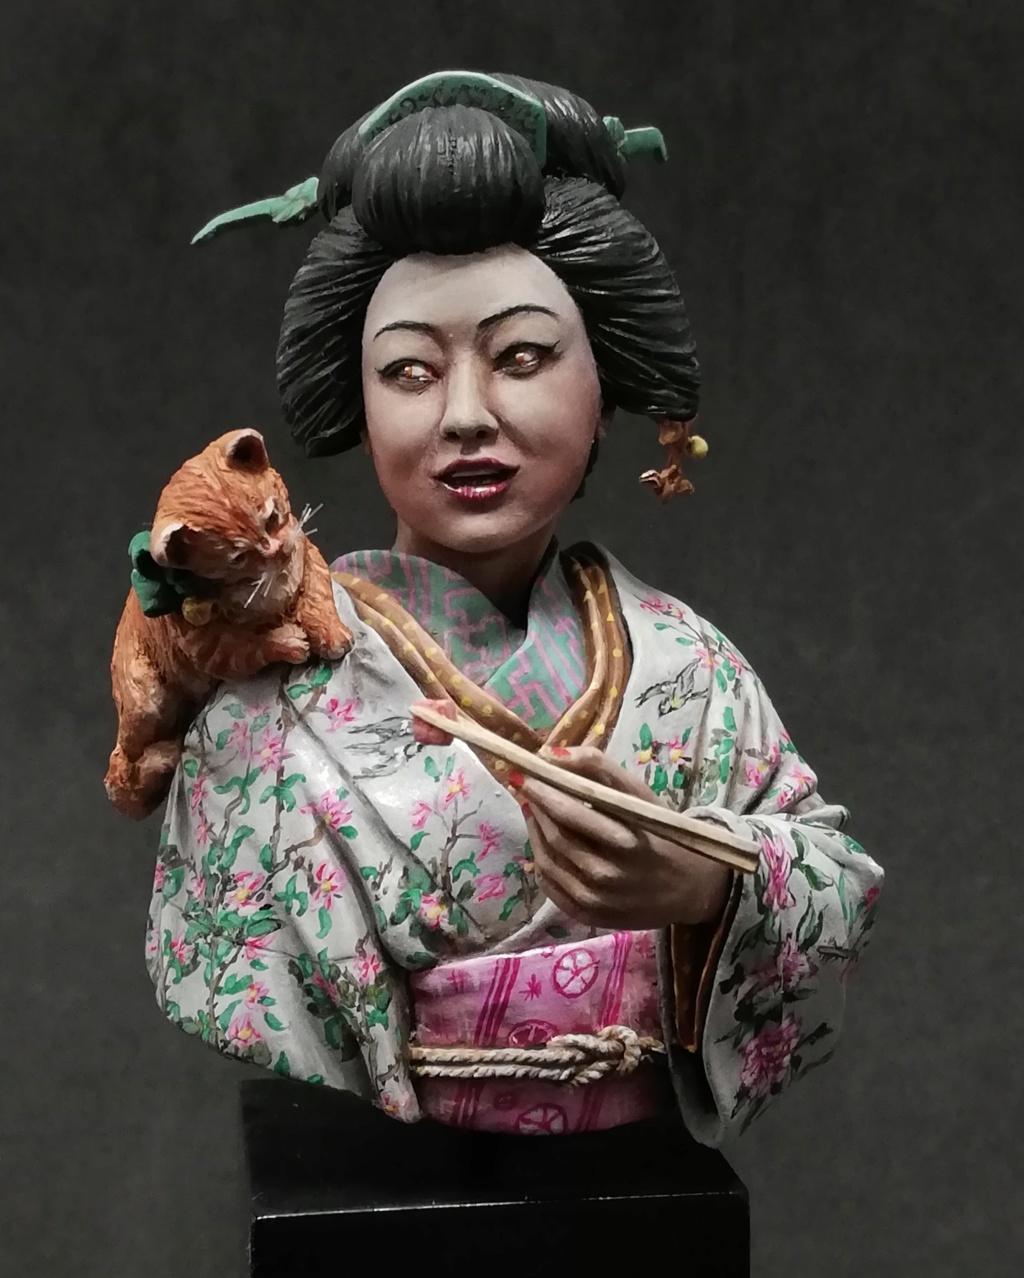 Buste de Geisha terminée - Dernières photos - Page 2 Geisha36